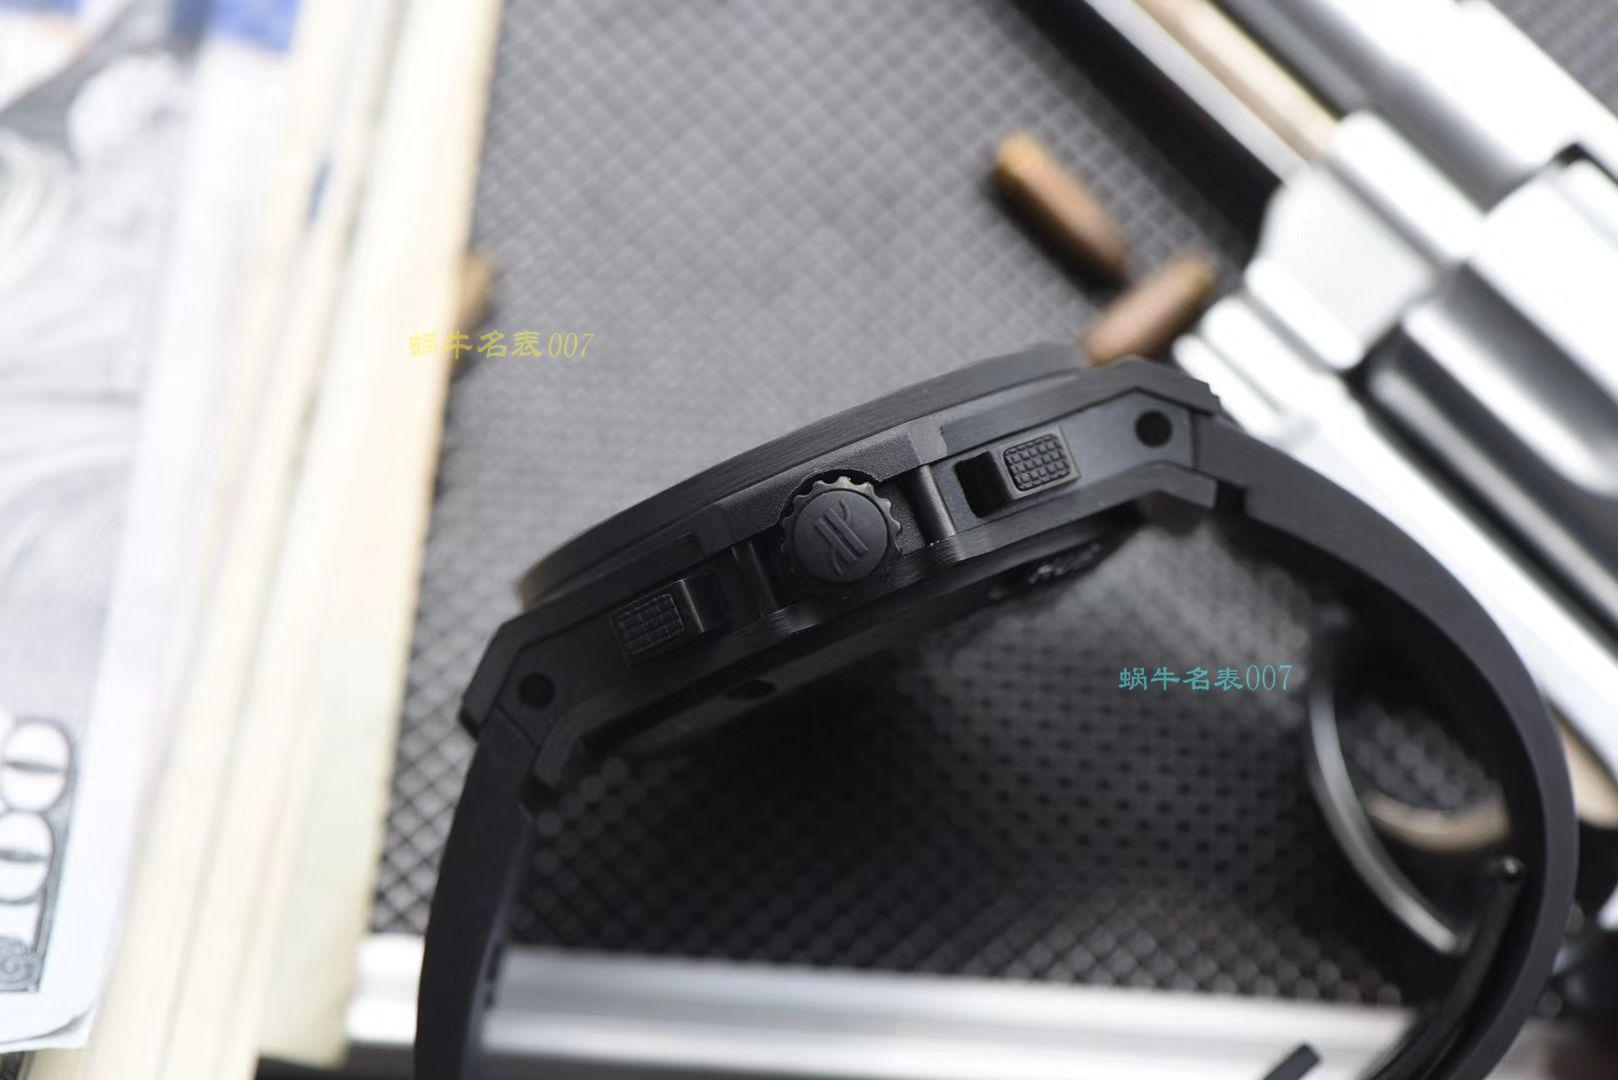 【视频评测V6厂一比一超A高仿宇舶碳纤维手表】HUBLOT宇舶BIG BANG系列301.QX.1724.RX腕表